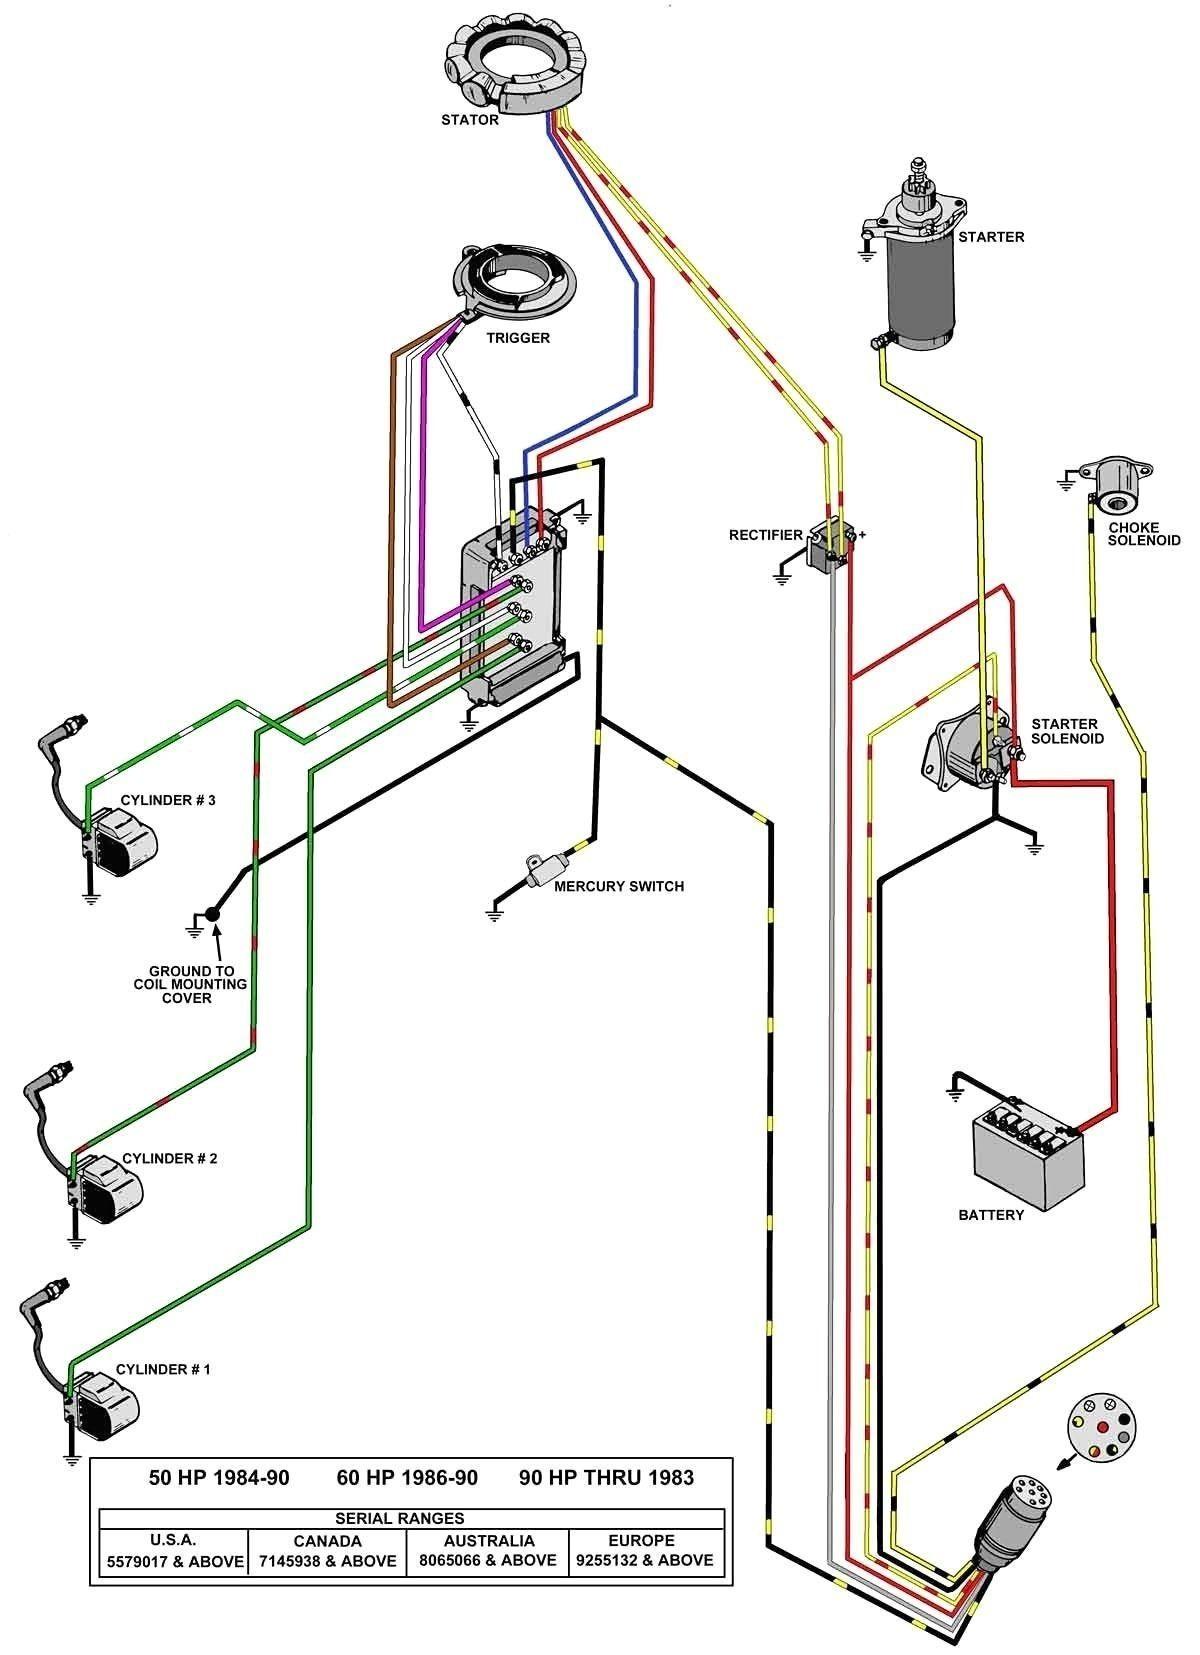 Mercruiser Tilt Trim Wiring Diagram - All Diagram Schematics on